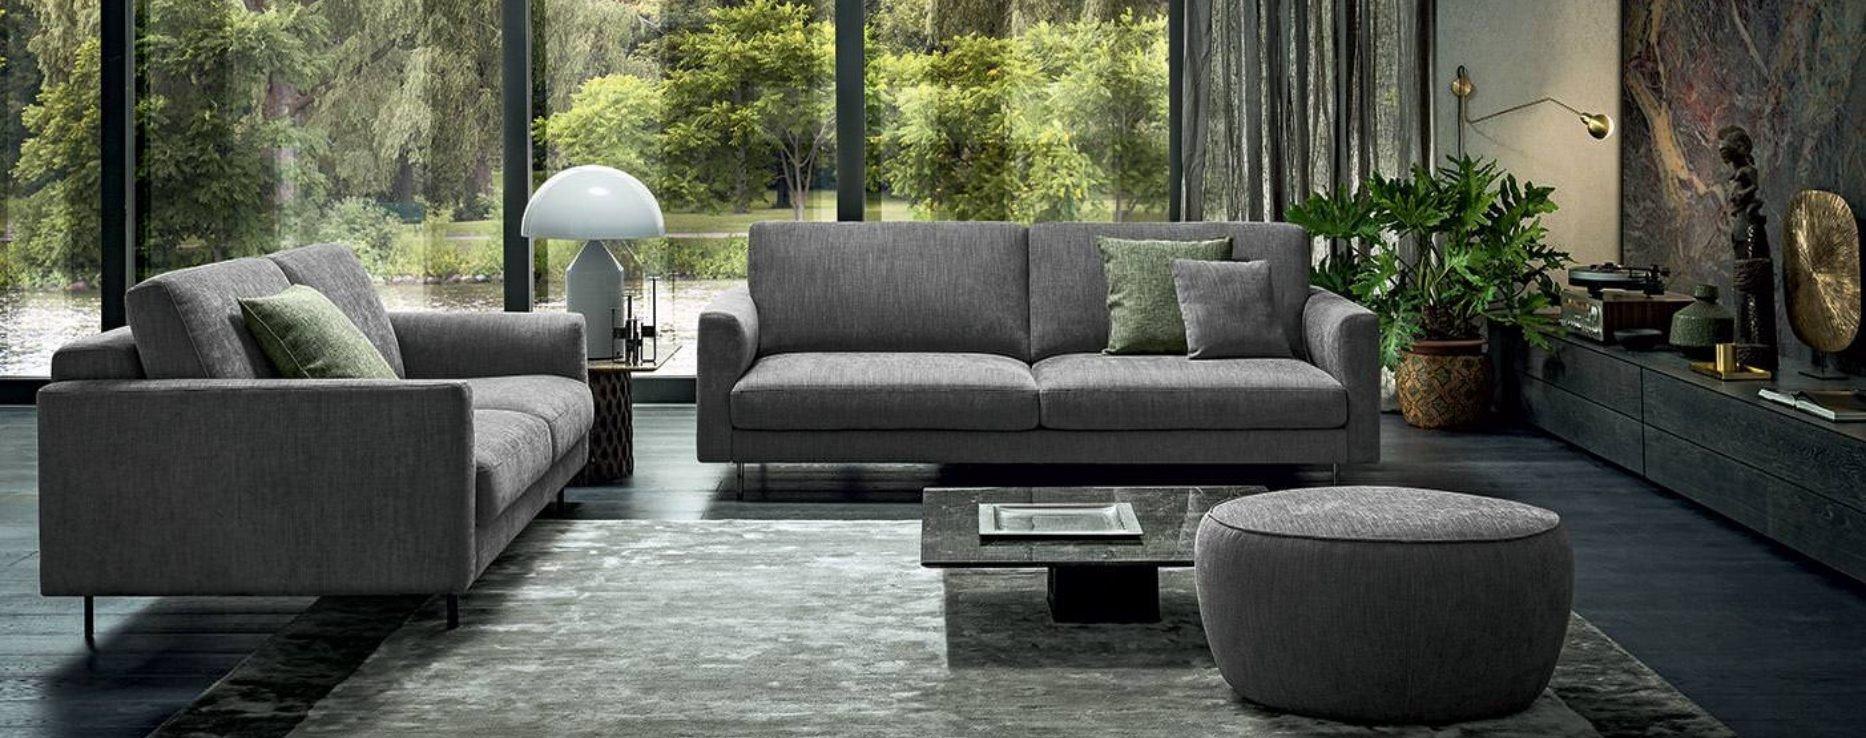 Des canapés alliant design et confort optimal